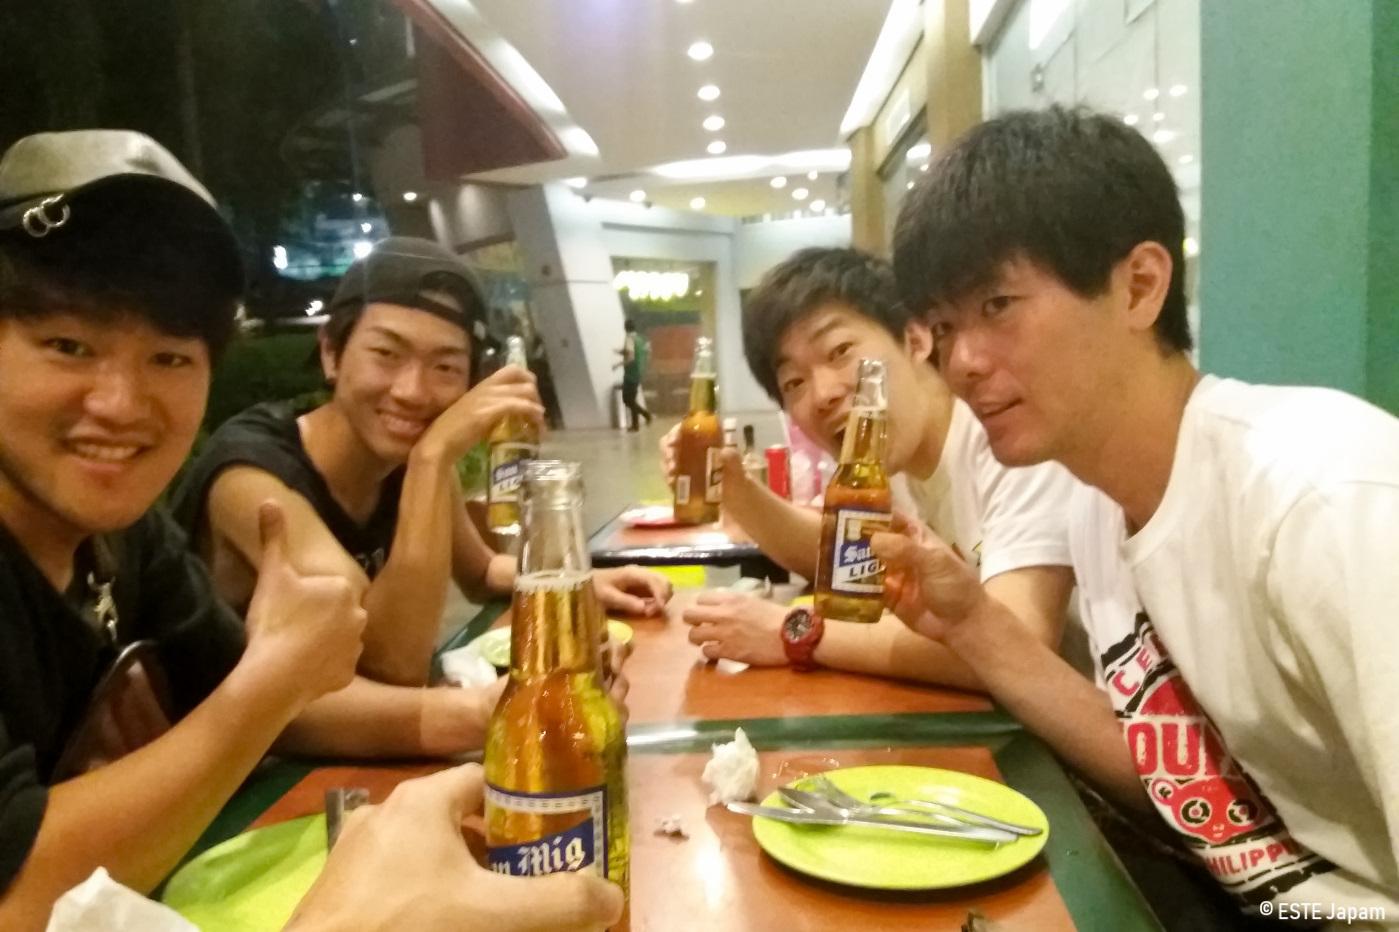 カフェムーンで食事をする男性4名